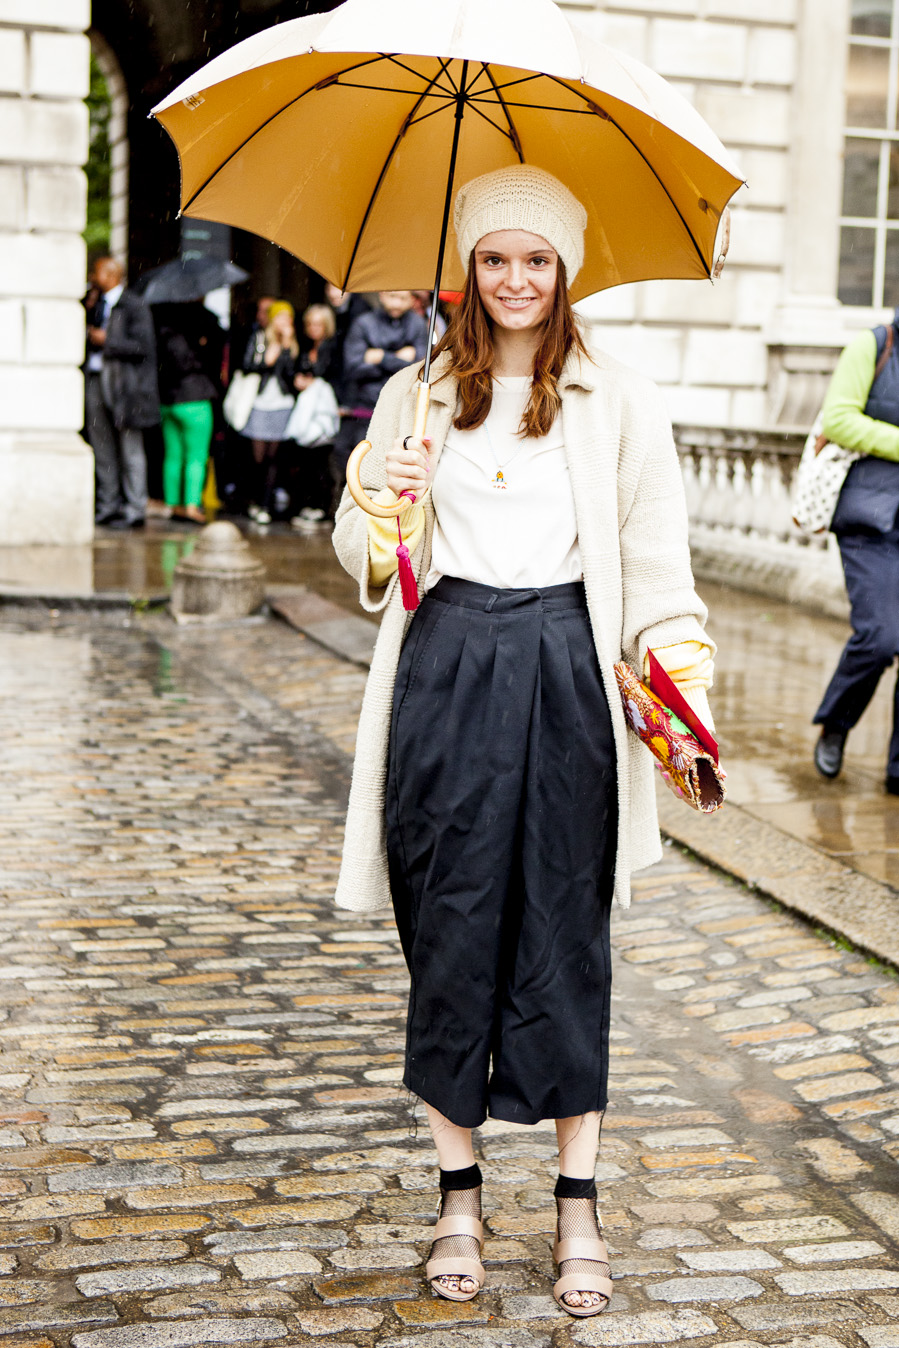 Πέντε styling tips για να είσαι καλοντυμένη ακόμα και όταν βρέχει